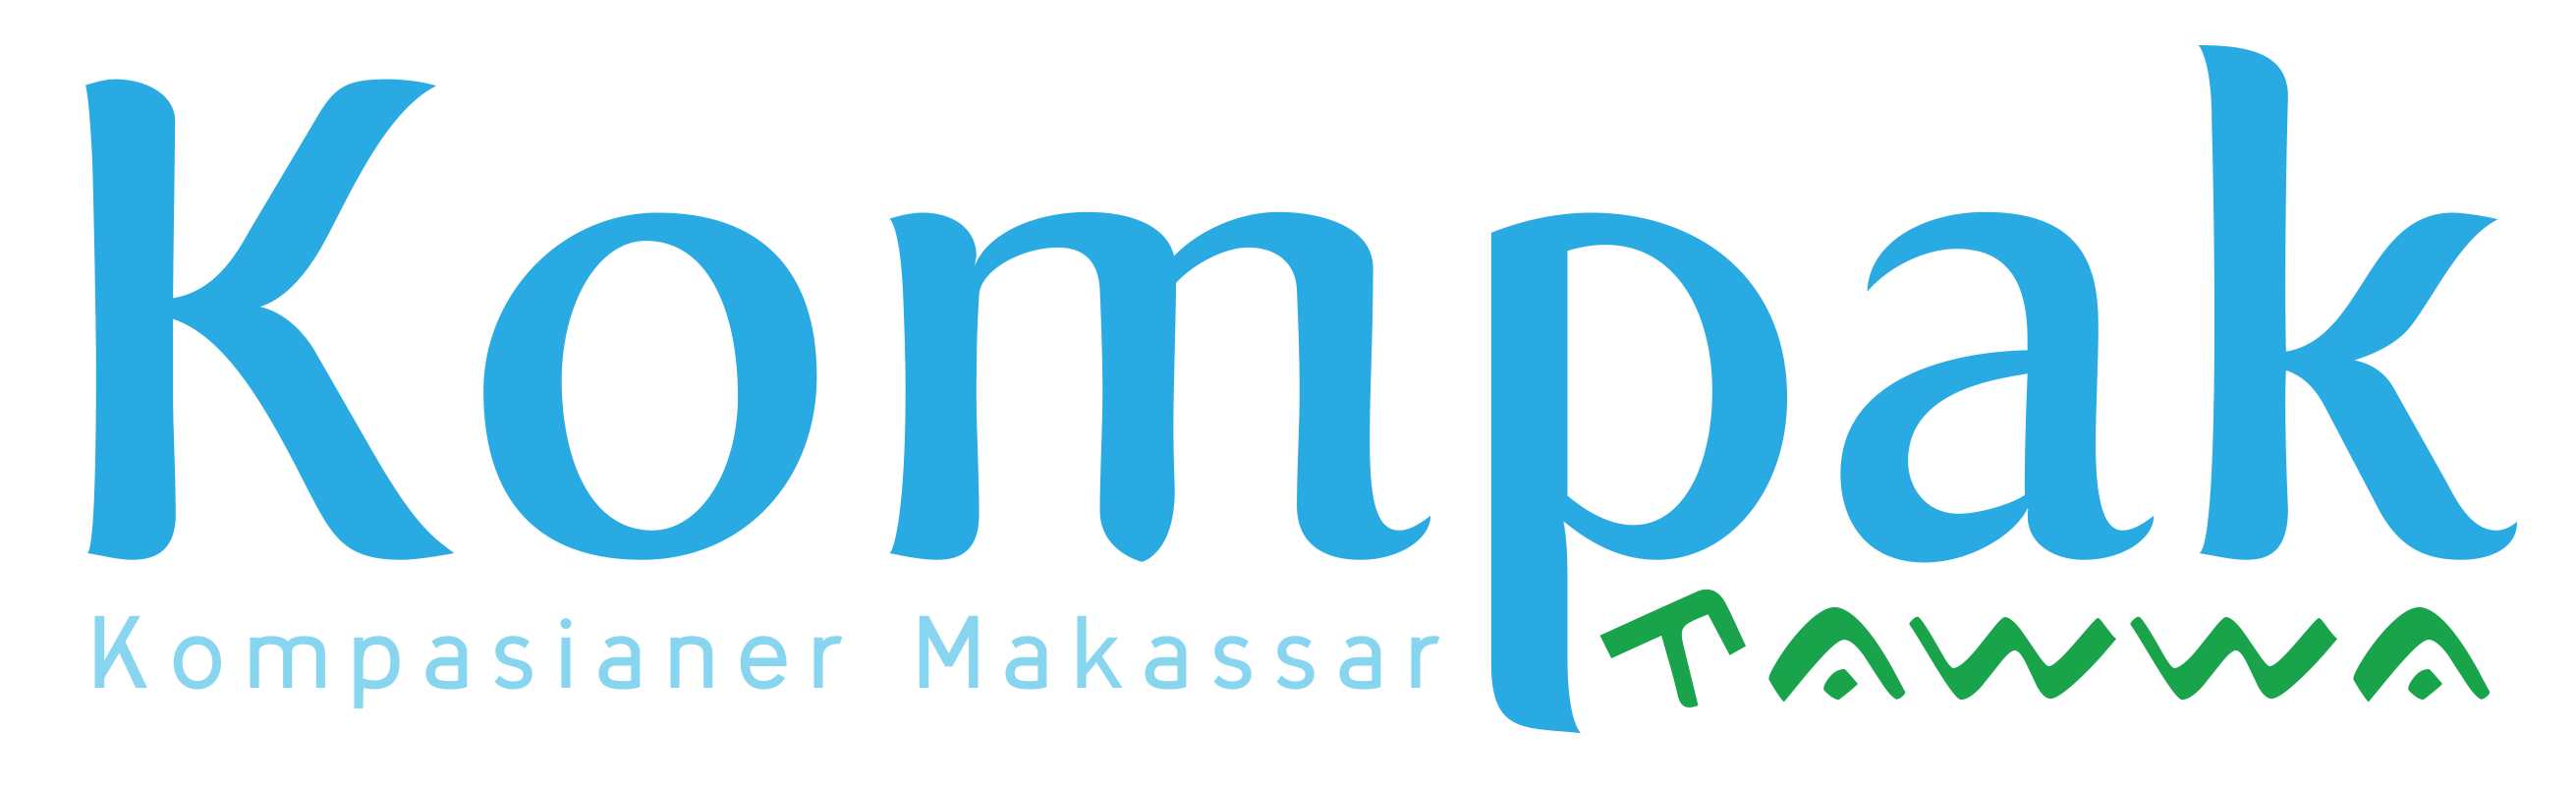 items/kaleidoskop_2019/33-kompak-tawwa-1577688935.png